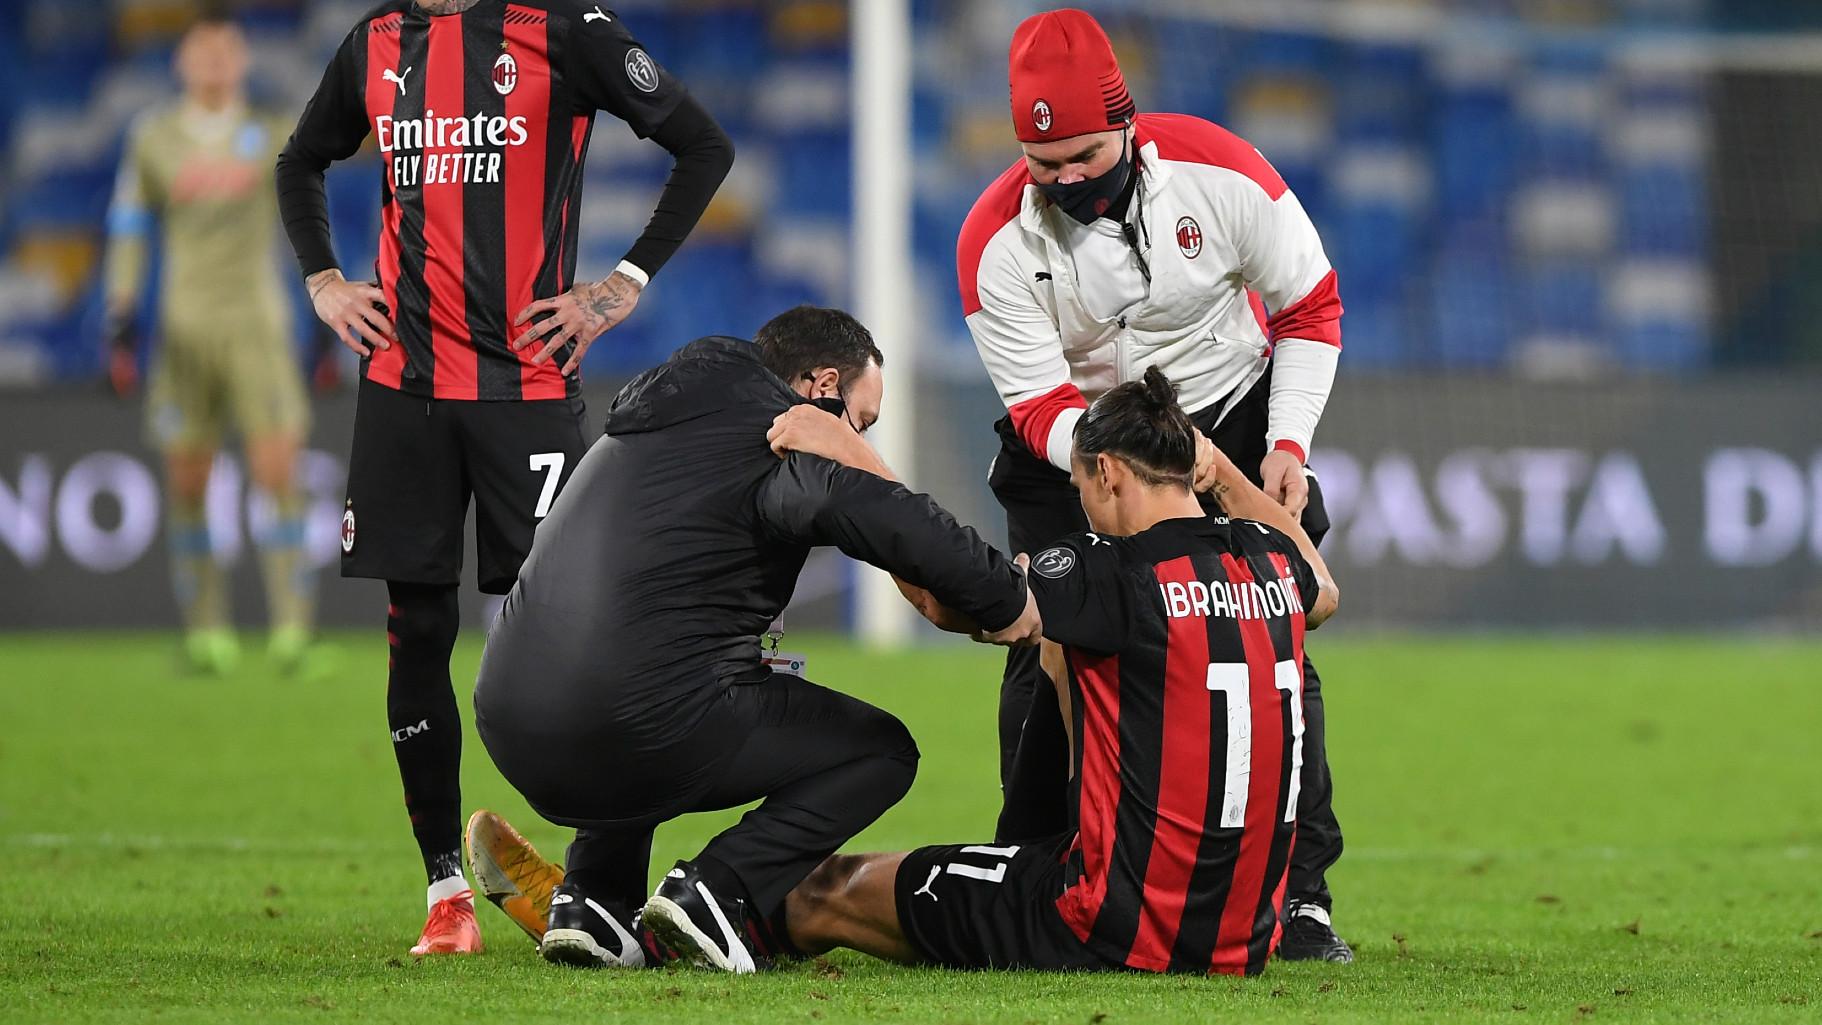 """Infortunio Ibrahimovic, Bonera: """"Di solito non esce dal campo... """" -  Virgilio Sport"""